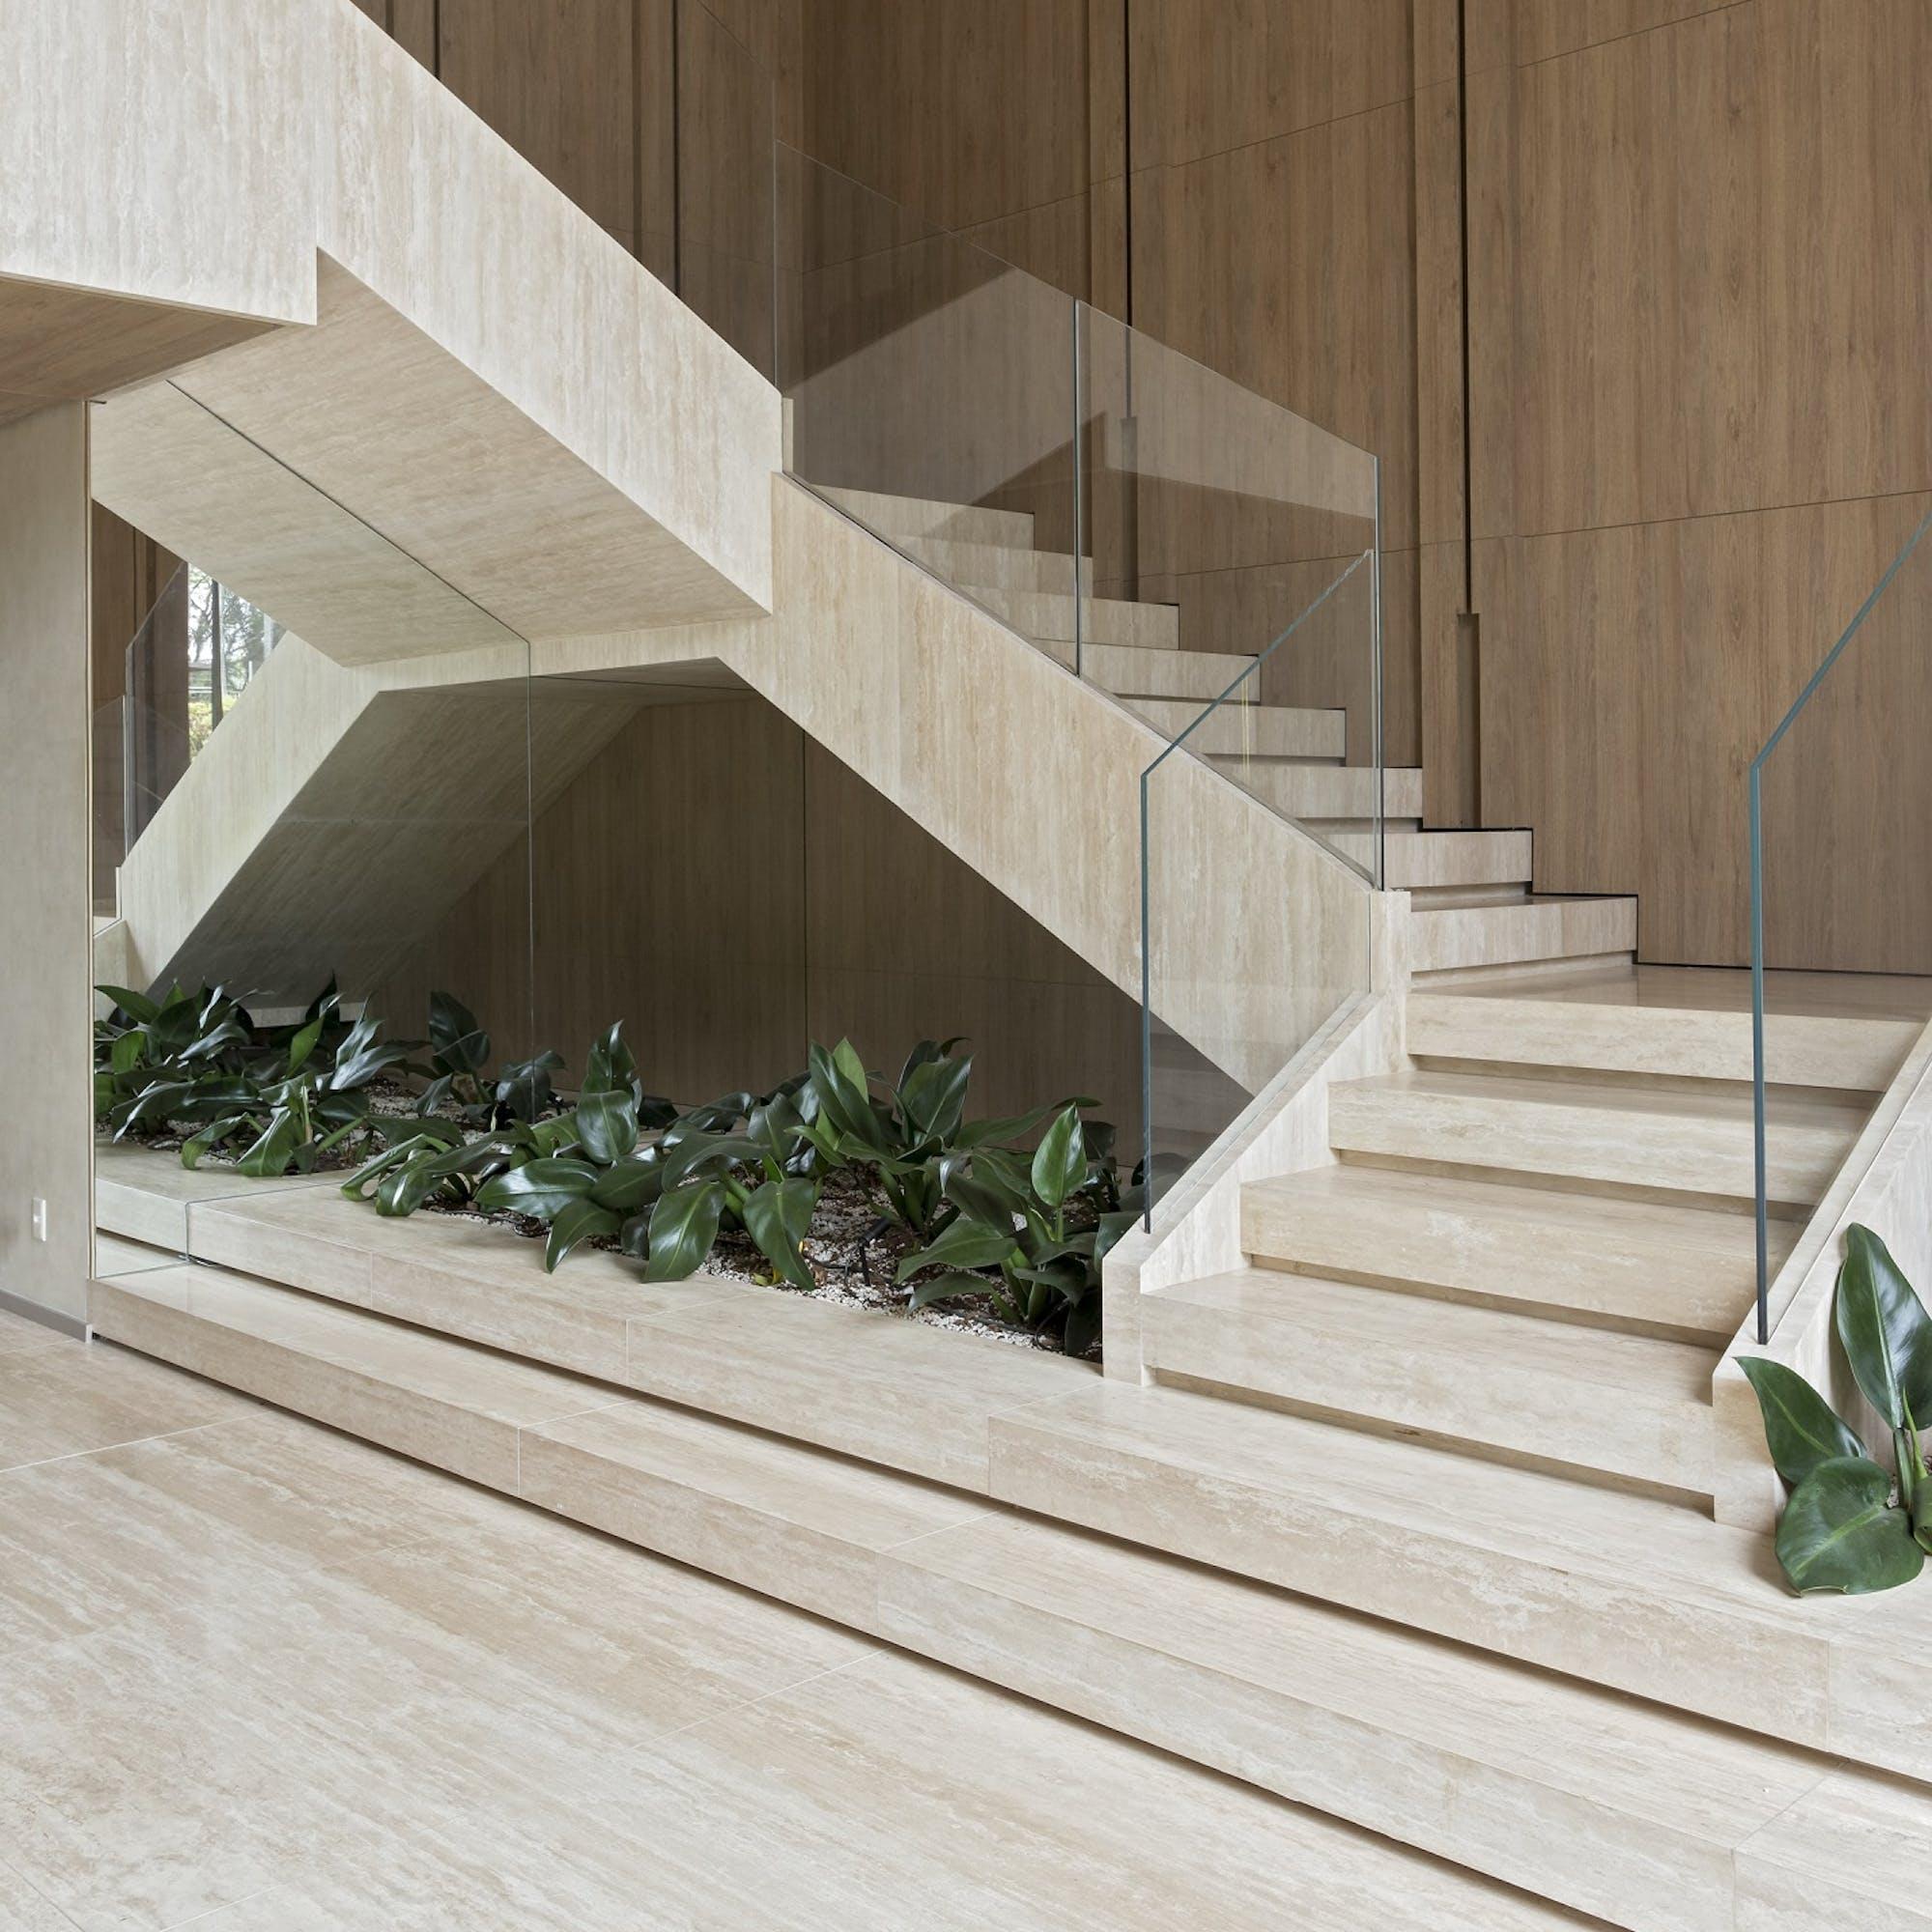 travertino-resinado-escada